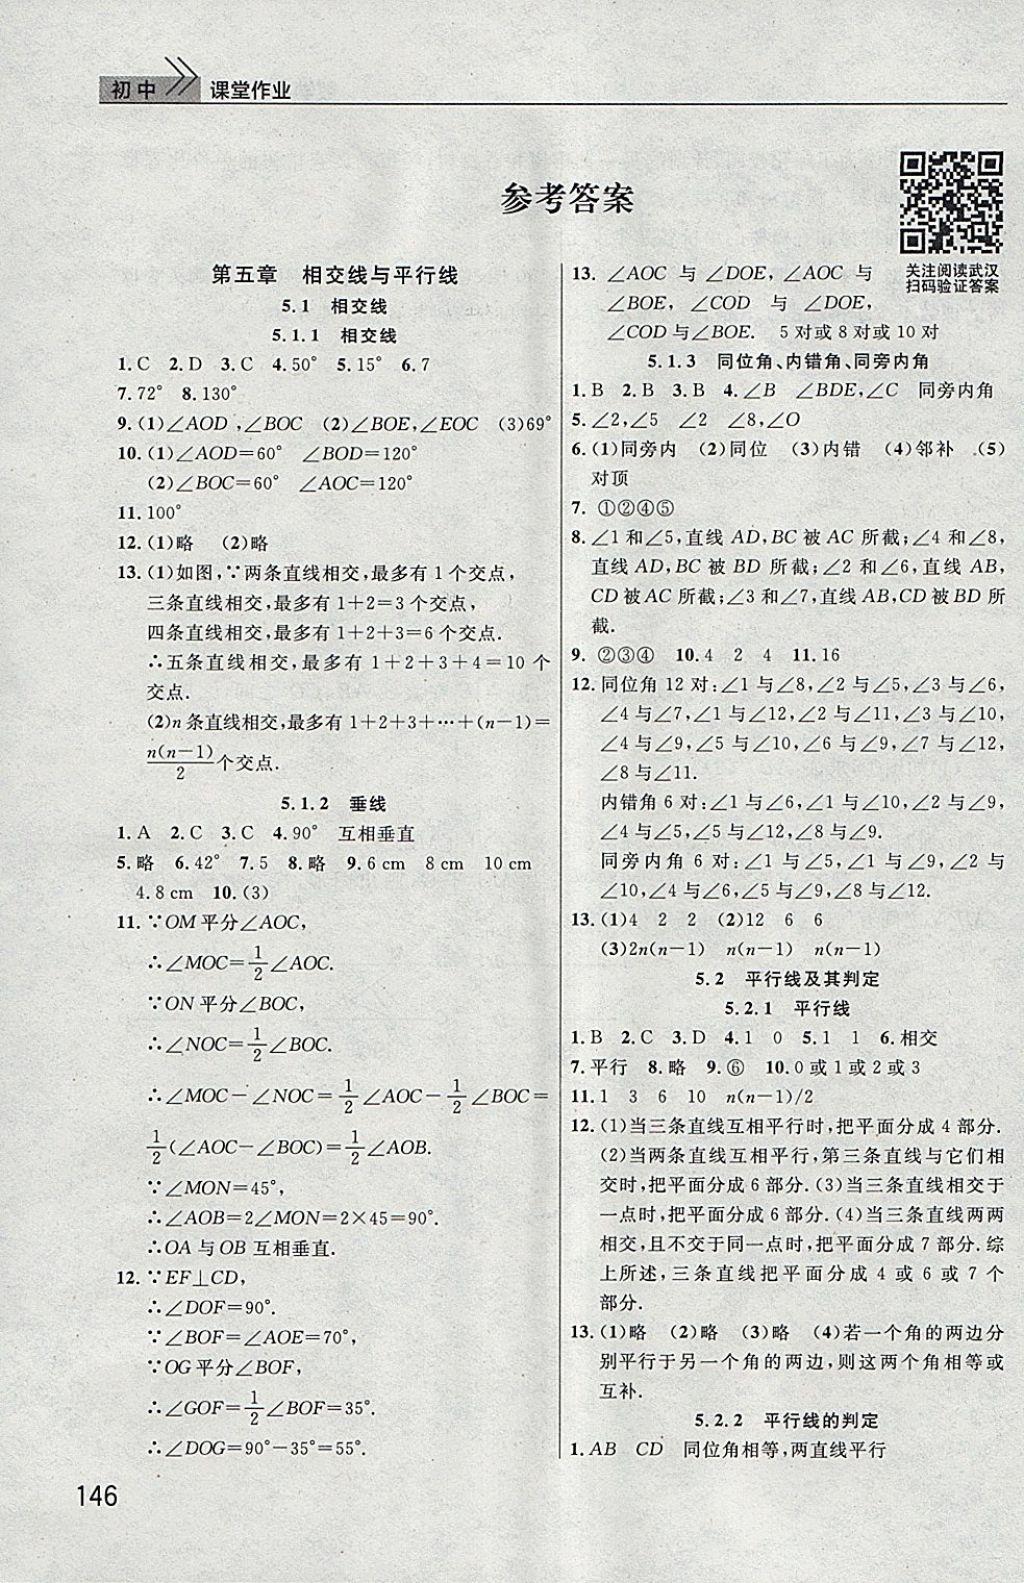 2018年长江作业本课堂作业七年级数学下册 参考答案第1页